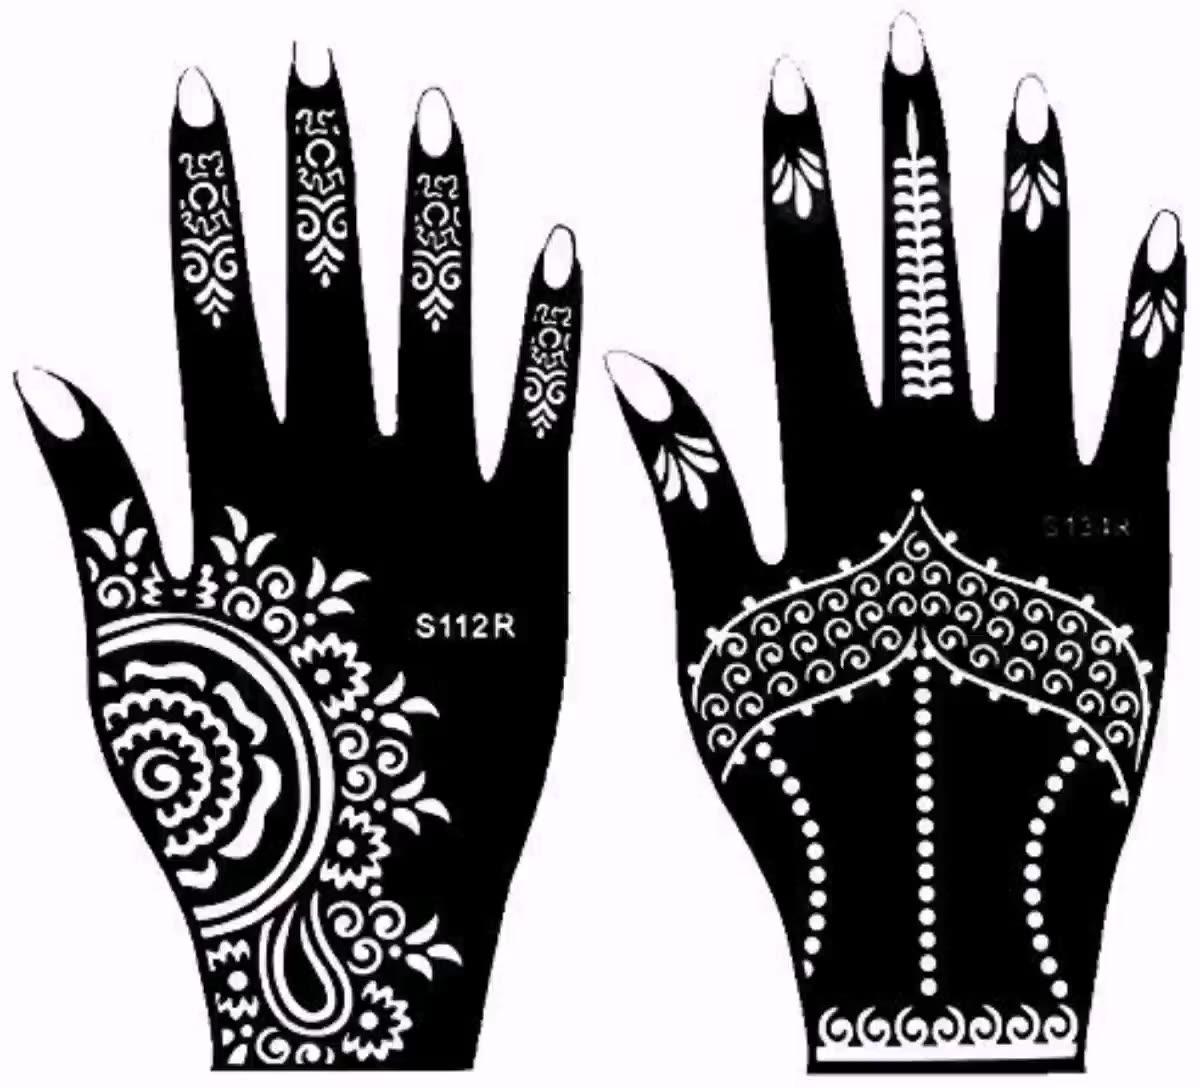 OEM Henna Stencils Tatuagem Para Atacado, Lindo das Mulheres Sexy Body Art Etiqueta Do Tatuagem de Henna Mãos Renda Preta